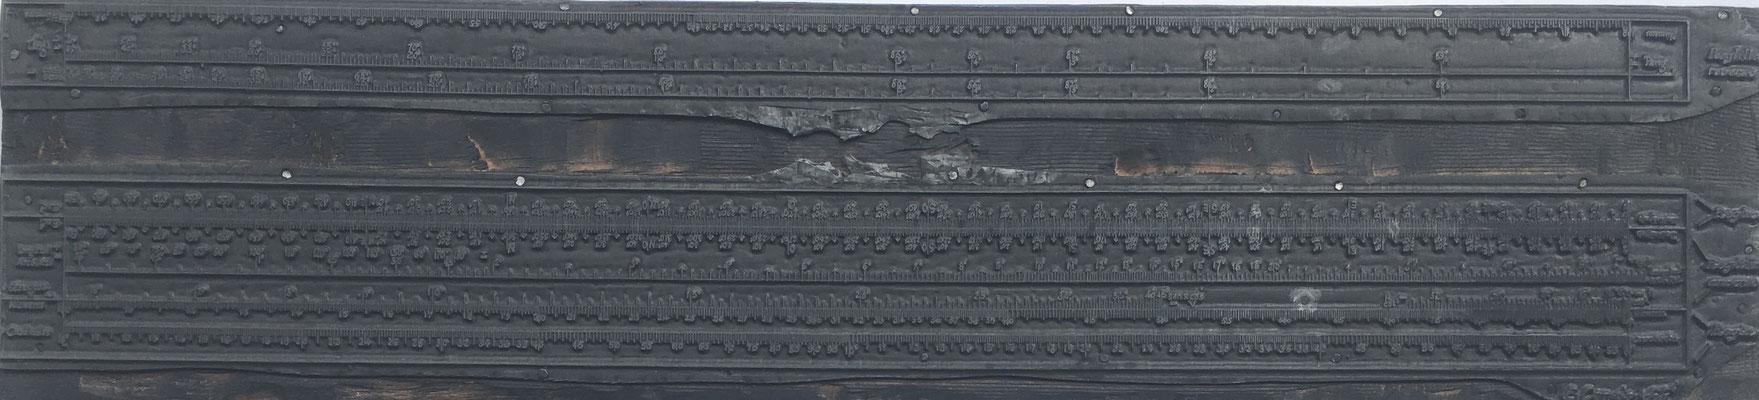 Cliché plano (matriz o plancha de imprenta) hecha metal para tinta de la Regla E. CONDE (modelo 1), volteada